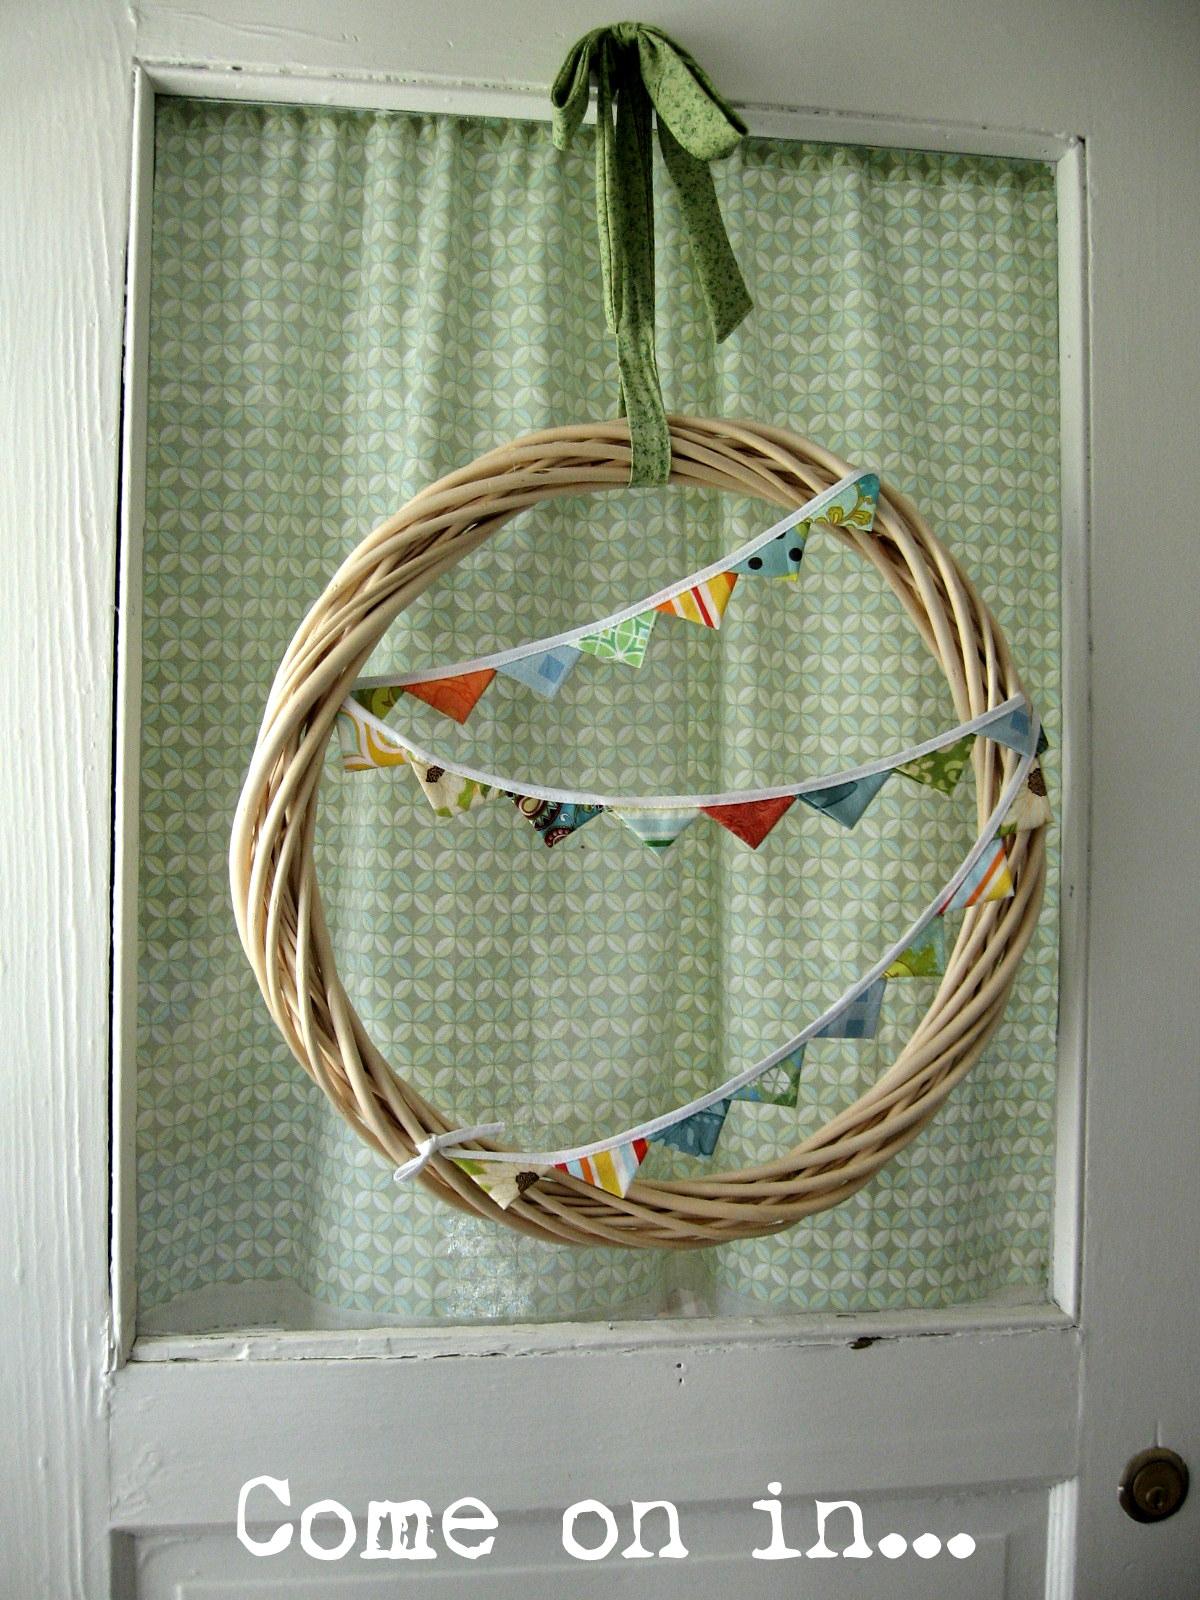 The Very Necessary Curtain Mini Hemming Tutorial